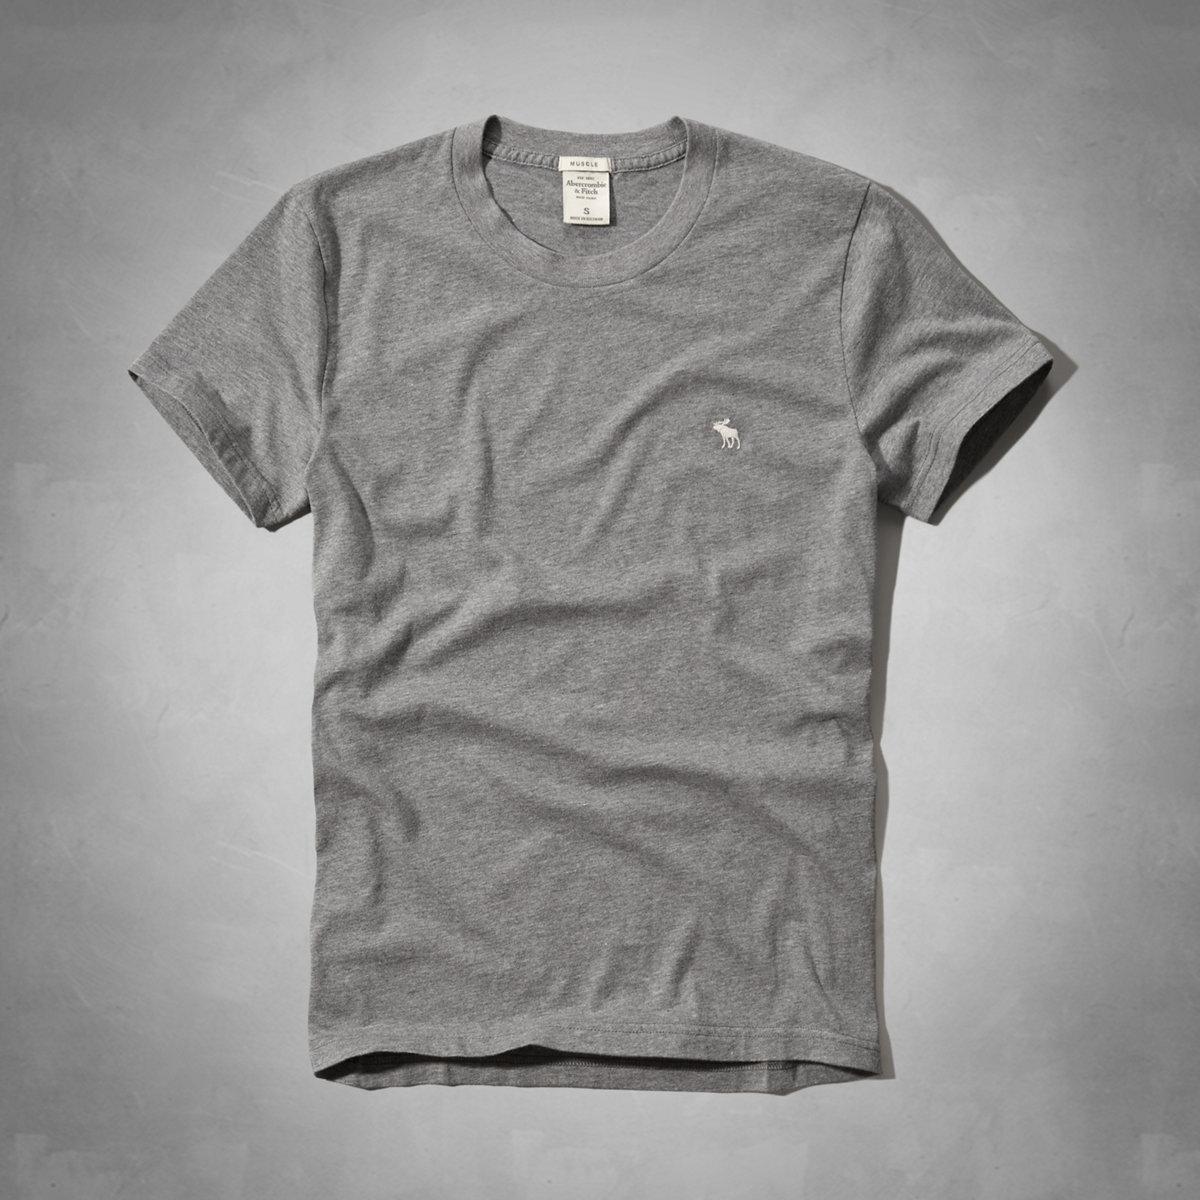 美國百分百【Abercrombie & Fitch】T恤 AF 短袖 上衣 T-shirt 麋鹿 灰色 素T S號 E709